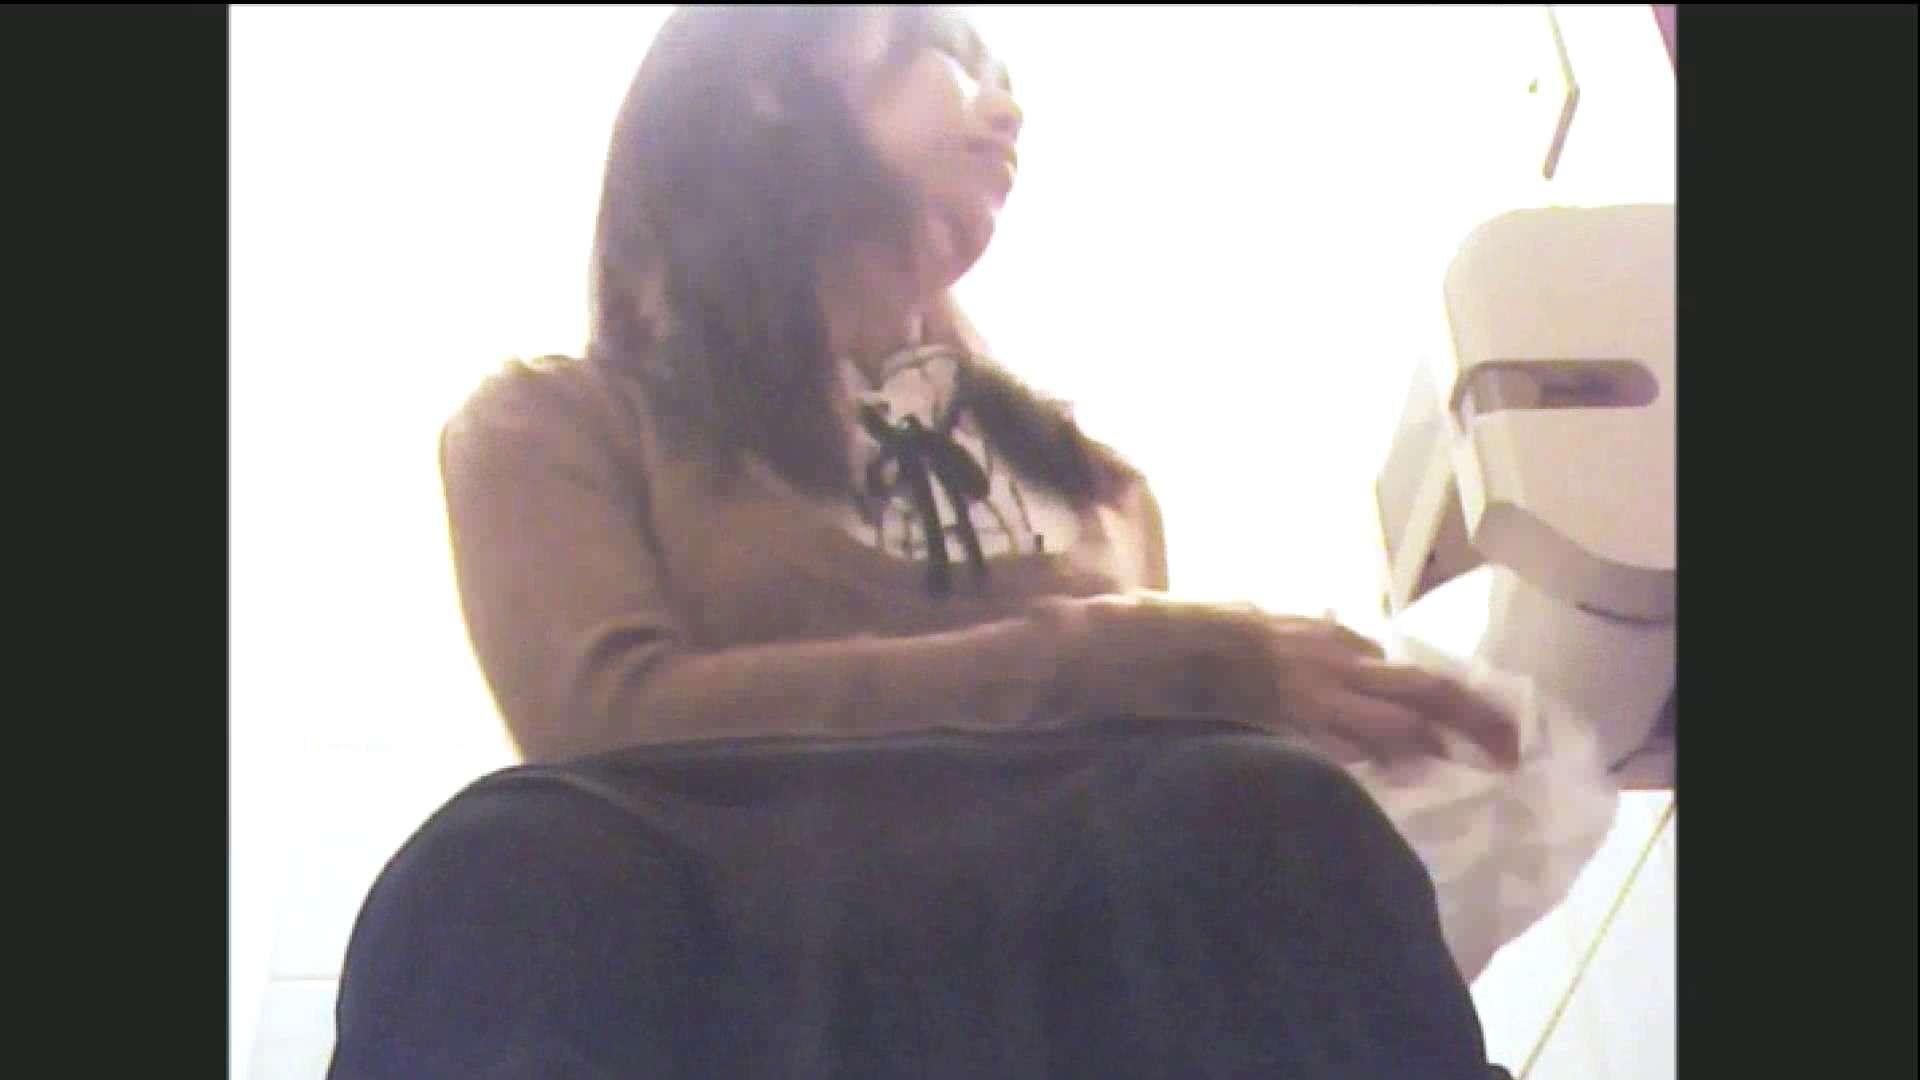 実録!!綺麗なお姉さんのトイレ事情・・・。vol.11 エロティックなOL スケベ動画紹介 95画像 89